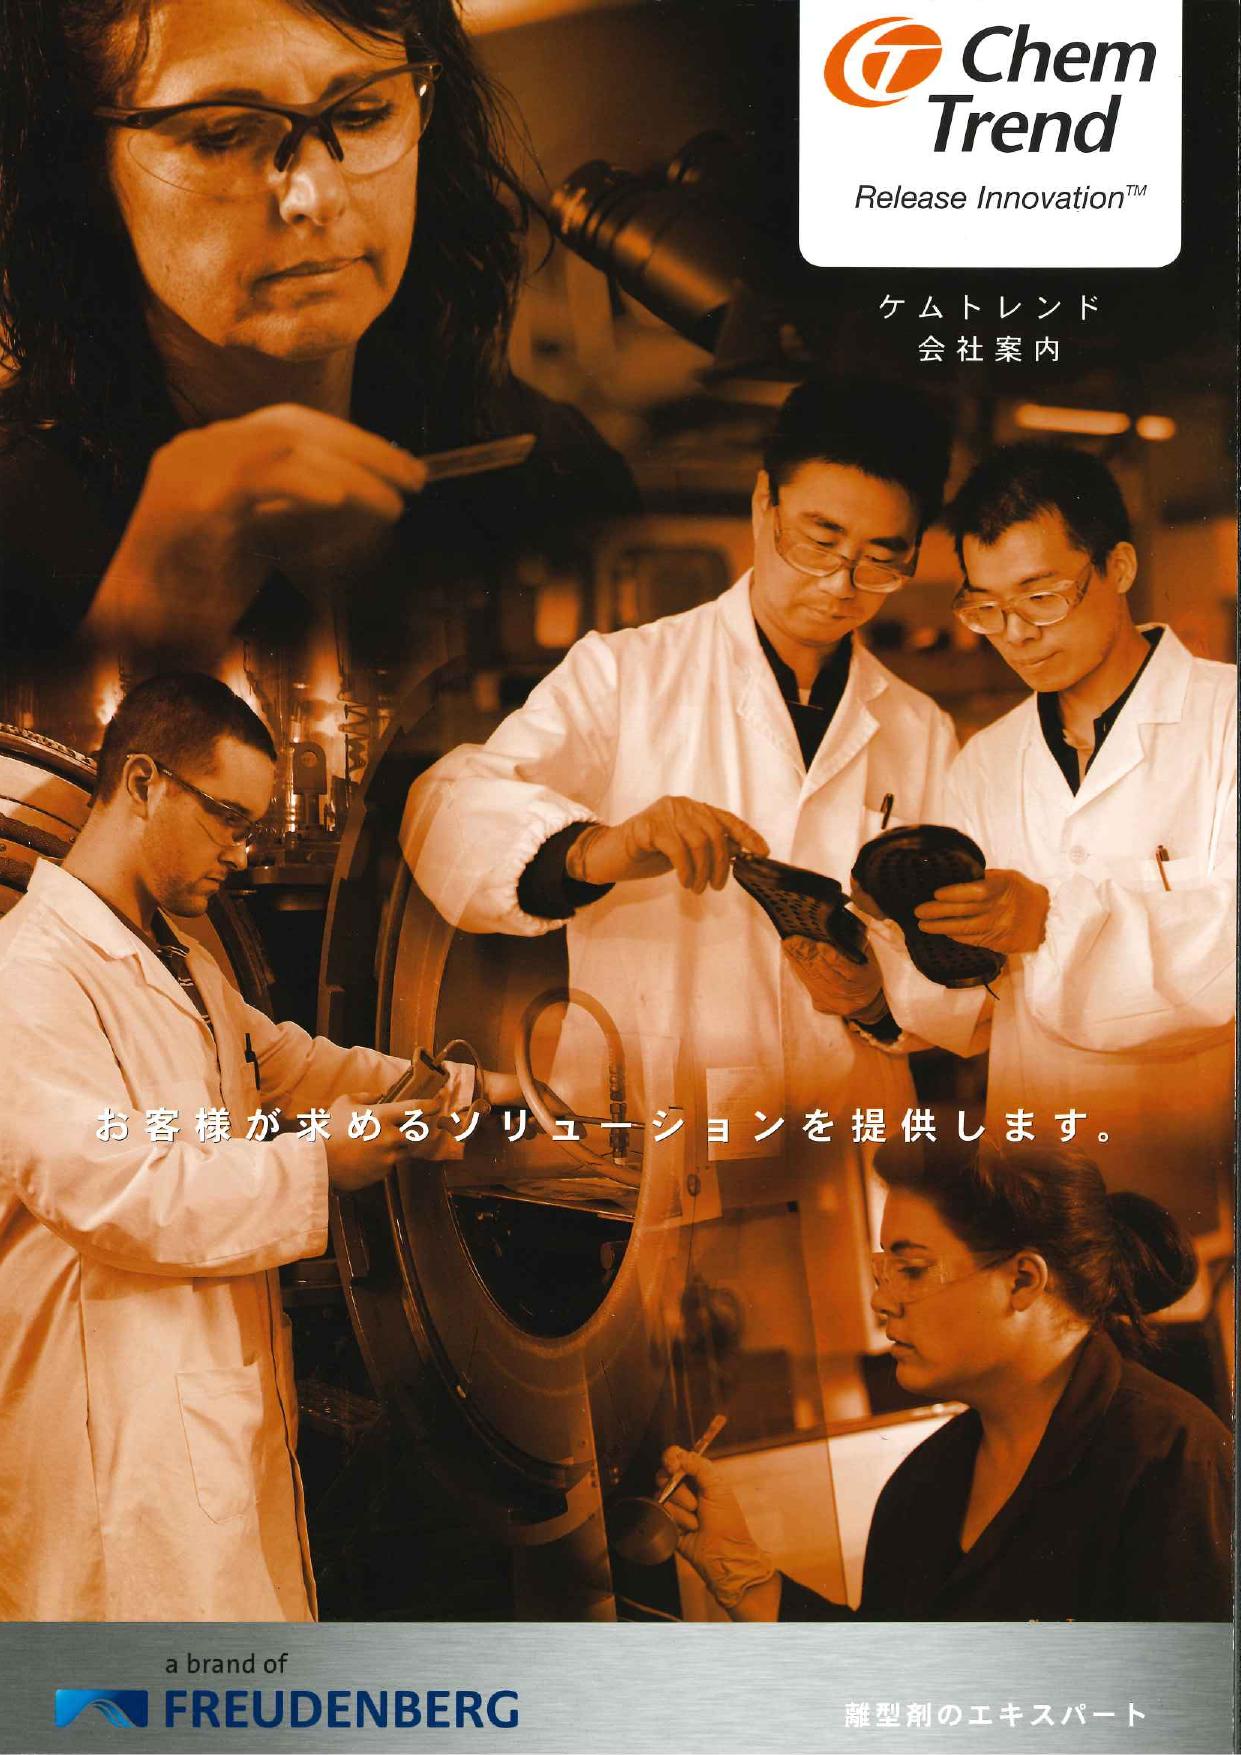 《製作事例をご紹介》離型剤、パージ剤、その他成型関連化成品のカスタム生産